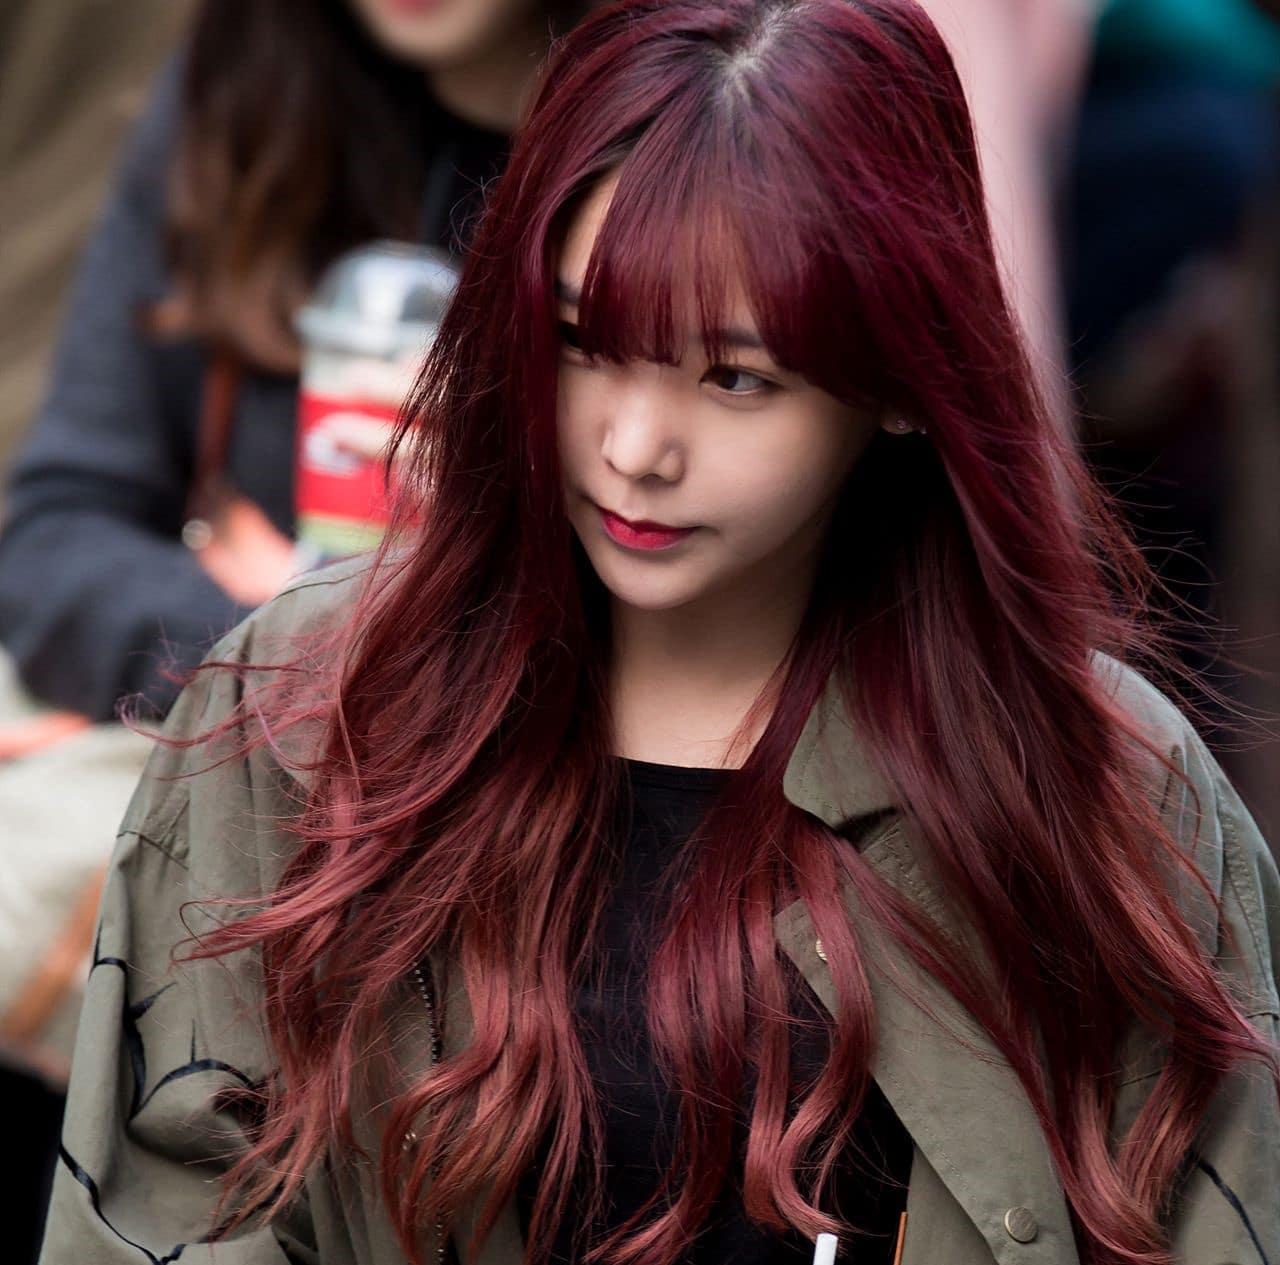 Nhuộm tóc màu nâu đỏ ánh tím là một xu hướng mới được kết hợp giữa trend cũ và trend mới khá độc đáo